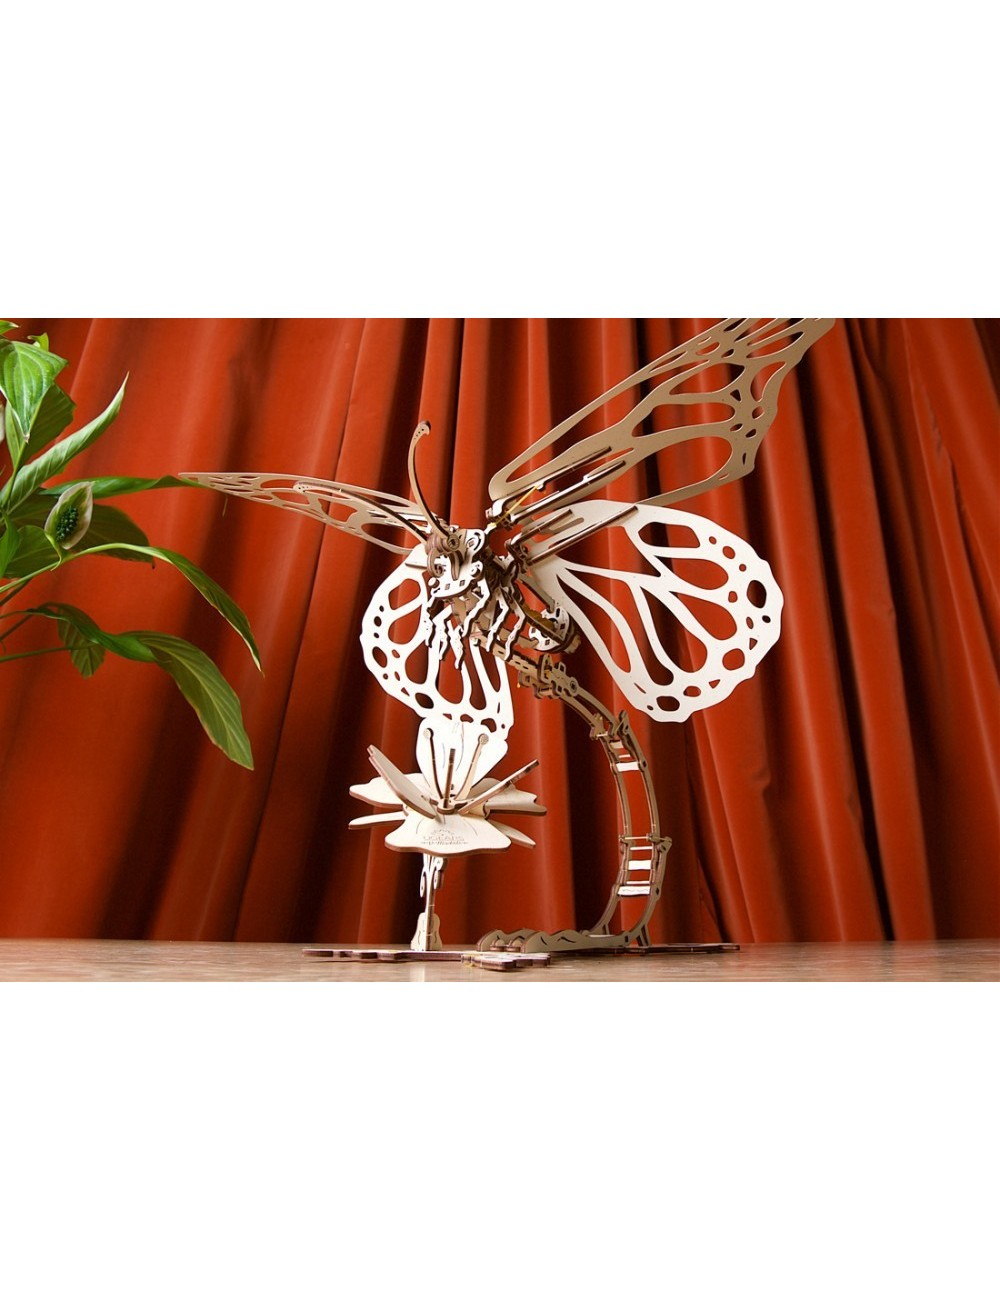 Mariposa (Butterfly)